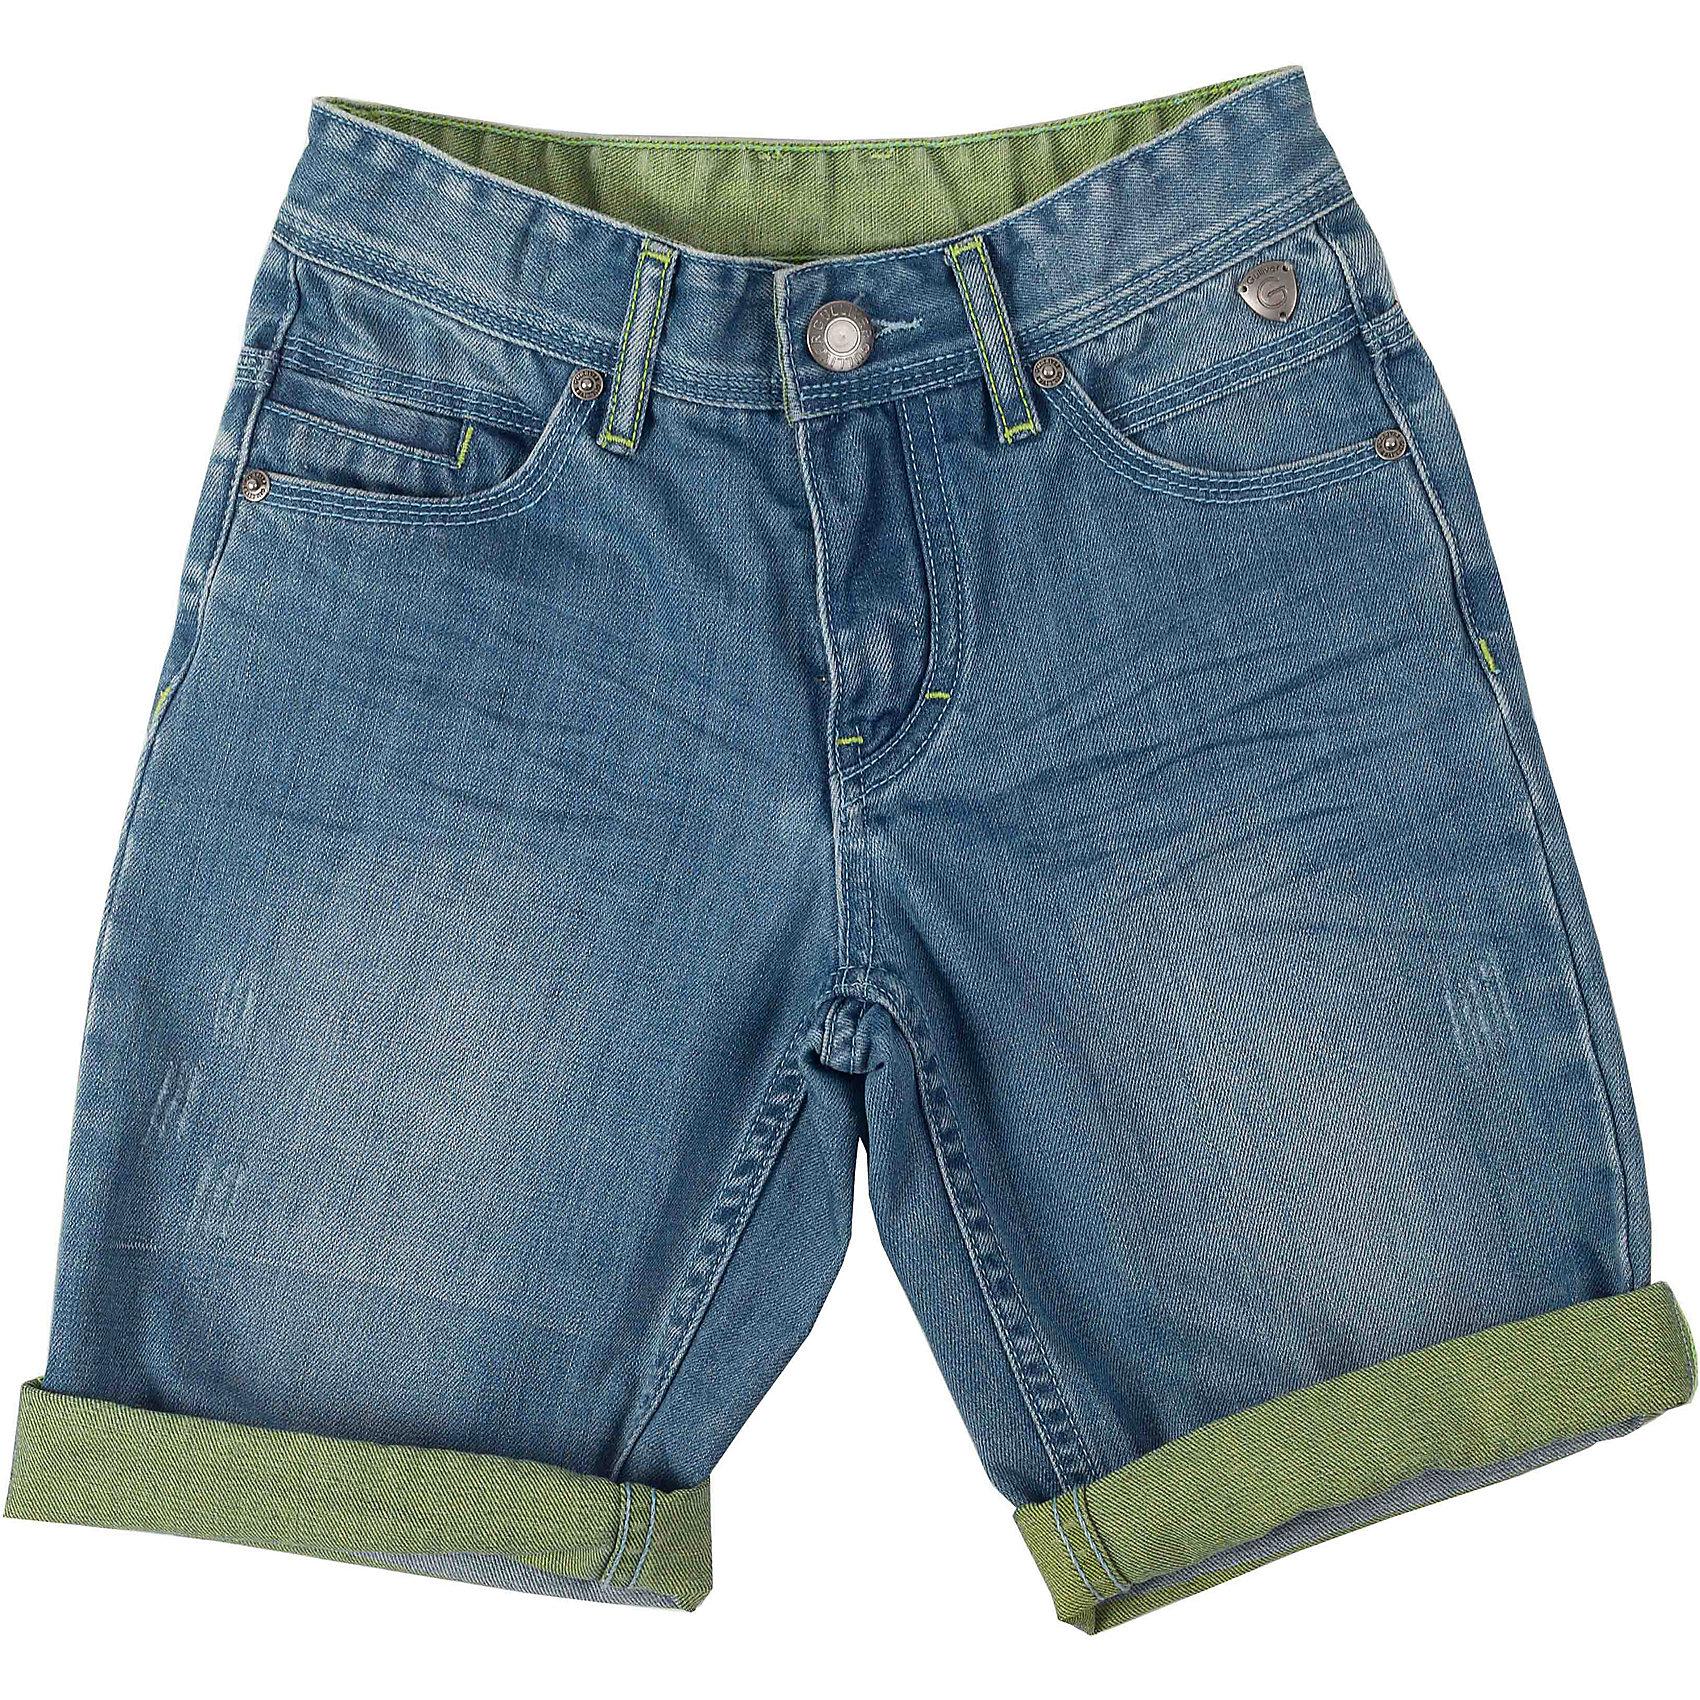 Шорты джинсовые для мальчика GulliverШорты, бриджи, капри<br>Как угнаться за детской модой? Мы только привыкли к повреждениям, потертостям и заплаткам на детских джинсовых изделиях, но дизайнеры уже придумали что-то новенькое! Голубые джинсовые шорты - непременный атрибут стиля casual, а значит модные джинсовые шорты на мальчика - изделие из разряда must have! Это стильный, комфортный элемент гардероба, идеально подходящий к любой футболке, майке, джемперу. Шорты выполнены из двусторонней джинсы, что позволяет акцентировать внимание на необычных цветных отворотах модели.<br>Состав:<br>80% хлопок 20% полиестер<br><br>Ширина мм: 191<br>Глубина мм: 10<br>Высота мм: 175<br>Вес г: 273<br>Цвет: голубой<br>Возраст от месяцев: 144<br>Возраст до месяцев: 156<br>Пол: Мужской<br>Возраст: Детский<br>Размер: 158,146,128,140,152,134<br>SKU: 4534318